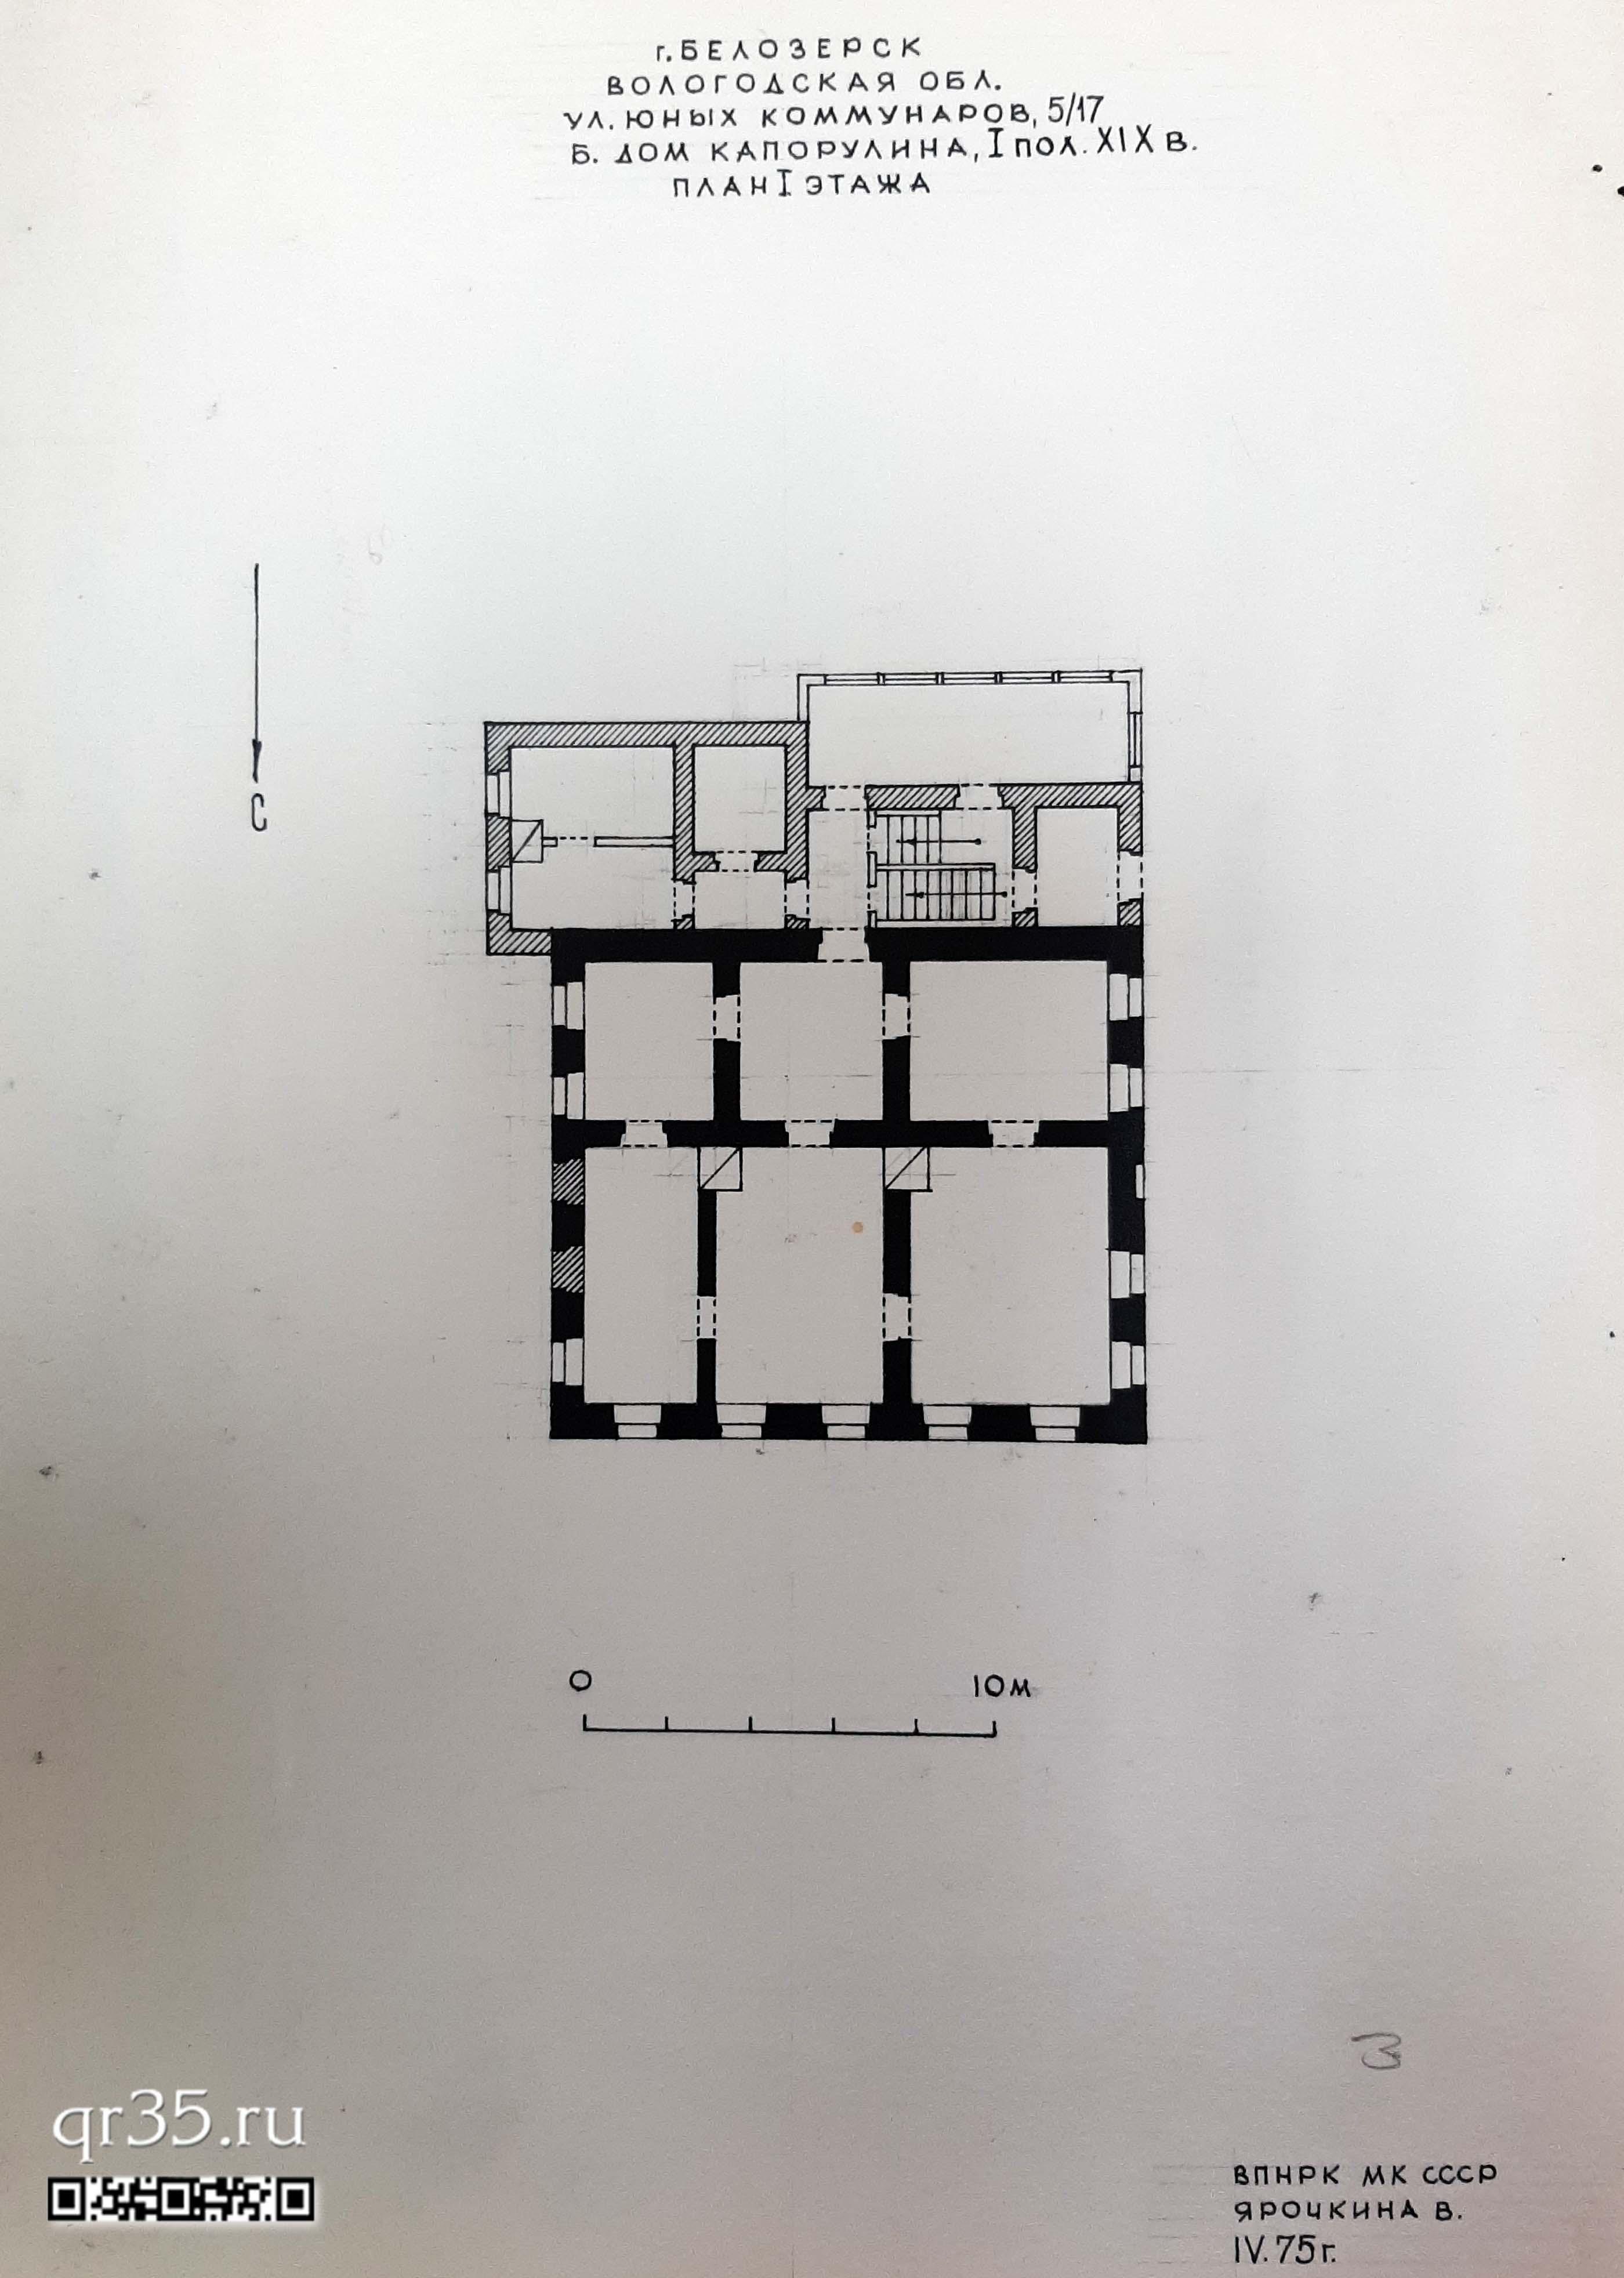 Дом № 5/17 (дом Капорулина)